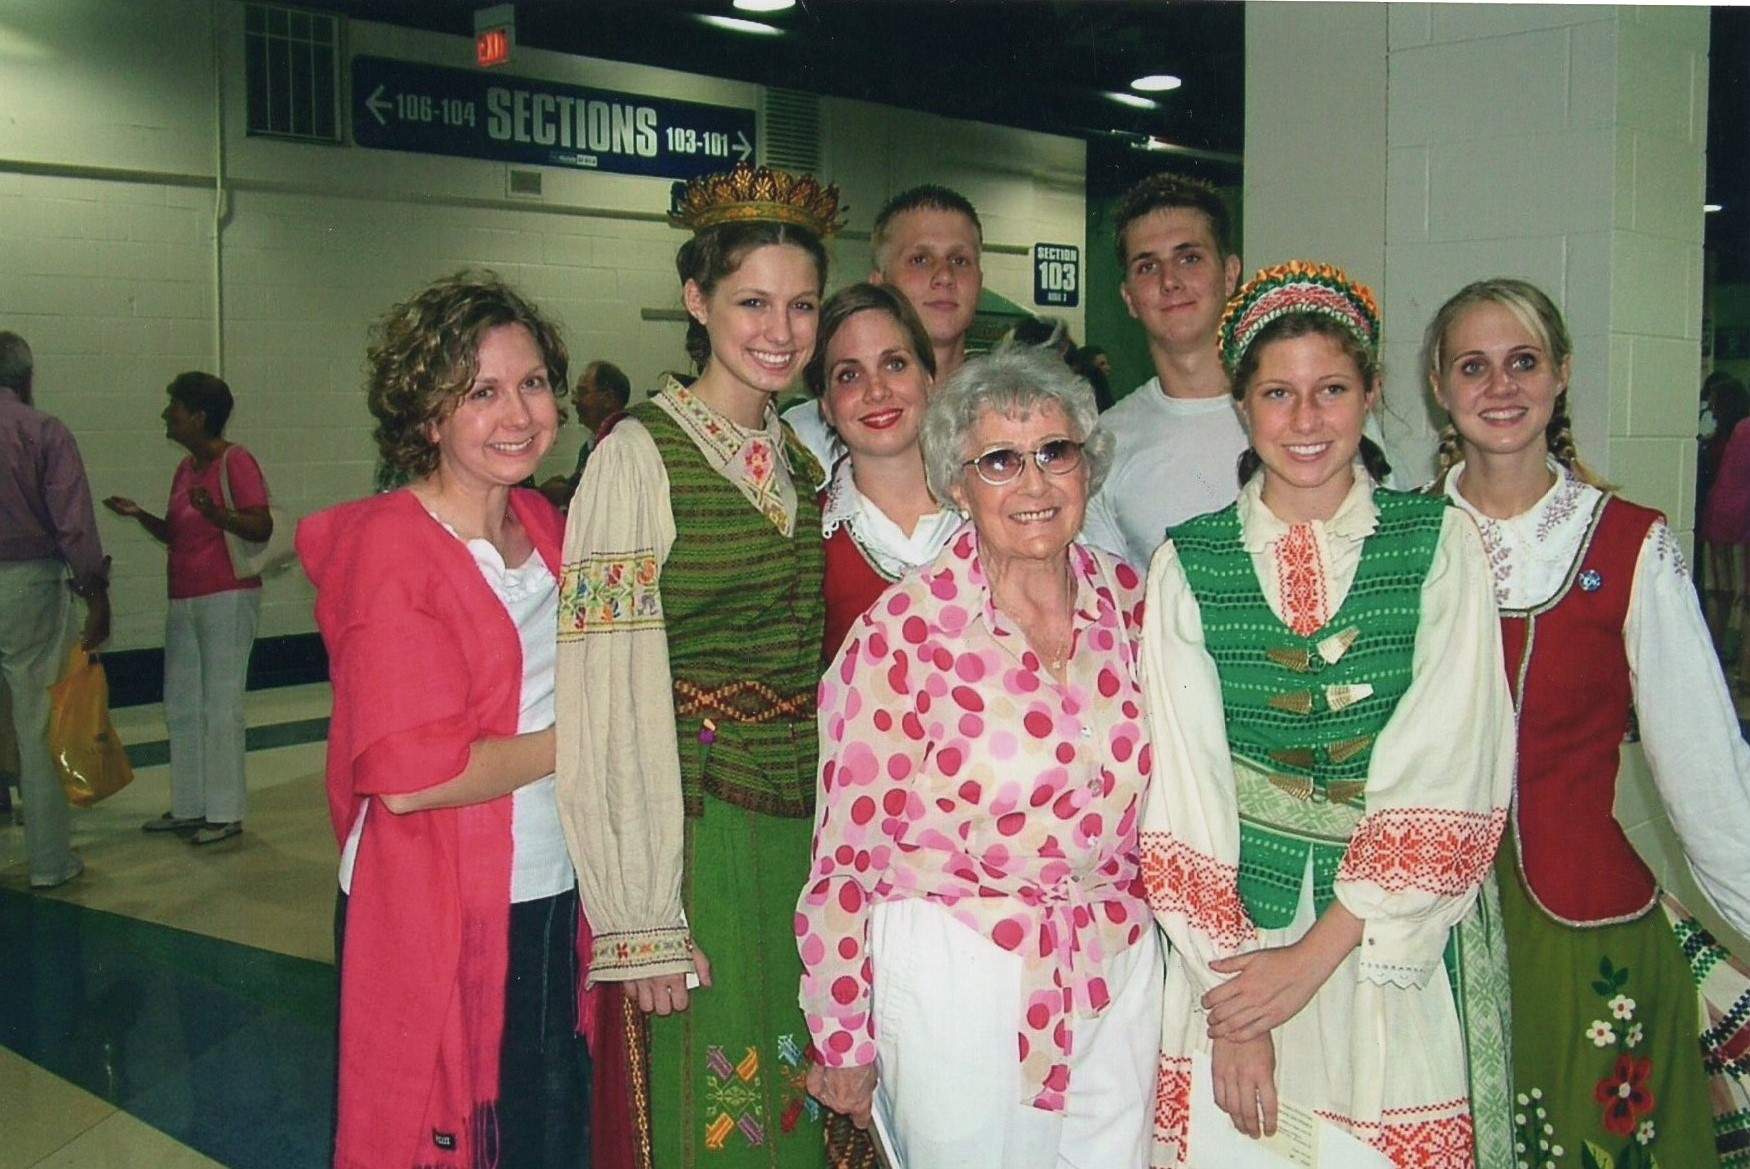 J. Švabaitė su anūkais šokių šventėje. Čikaga, 2004 m.